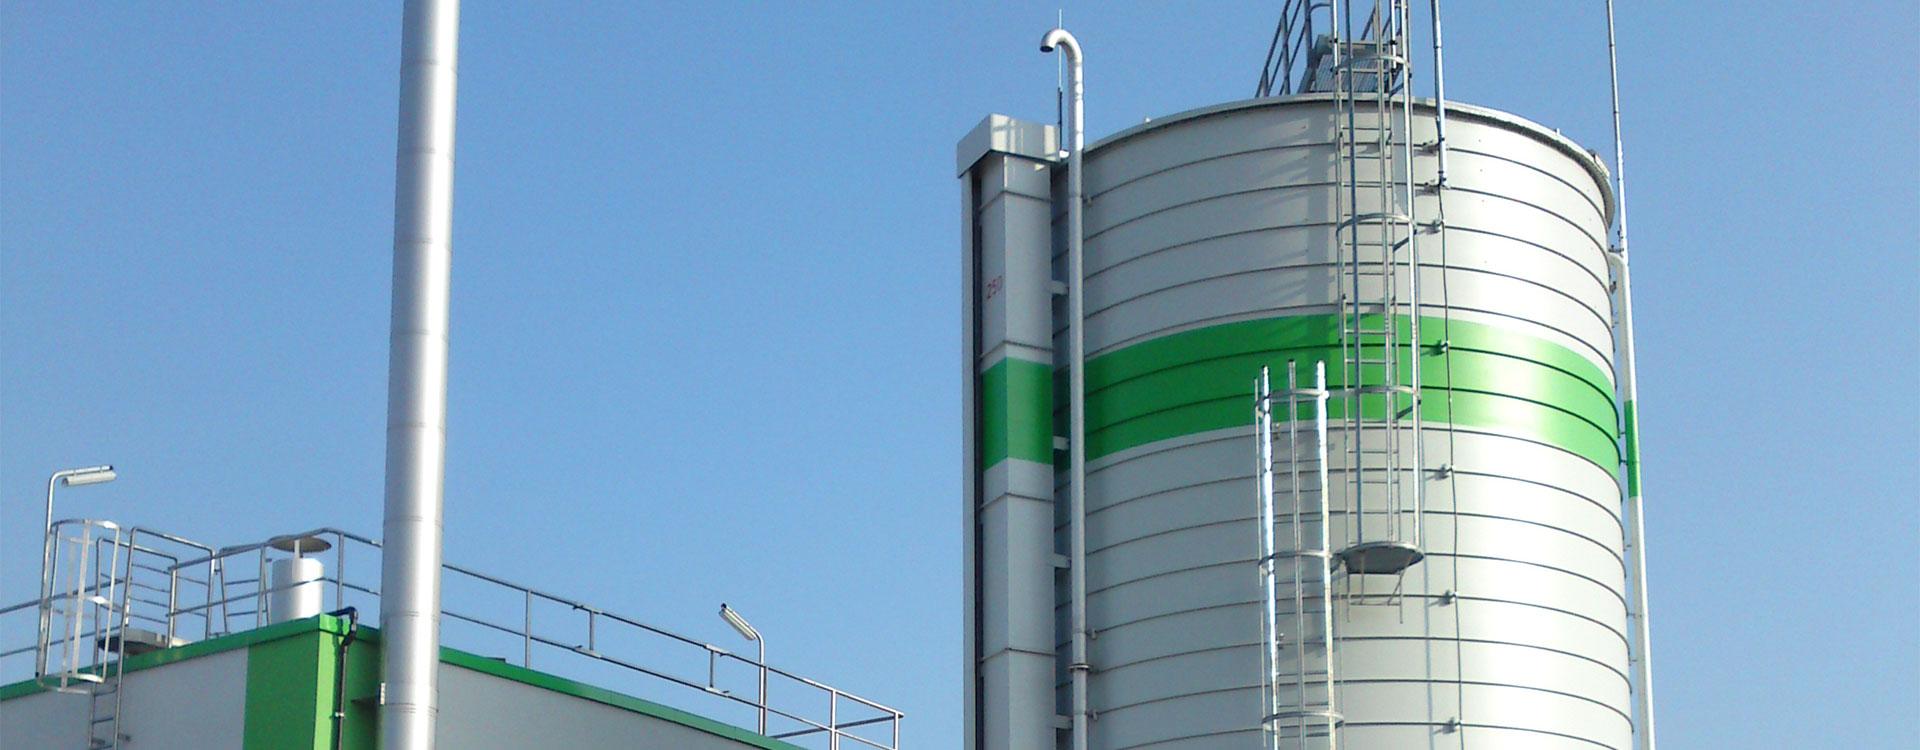 Gasspeicher Drucklos Behälter - Lipp System